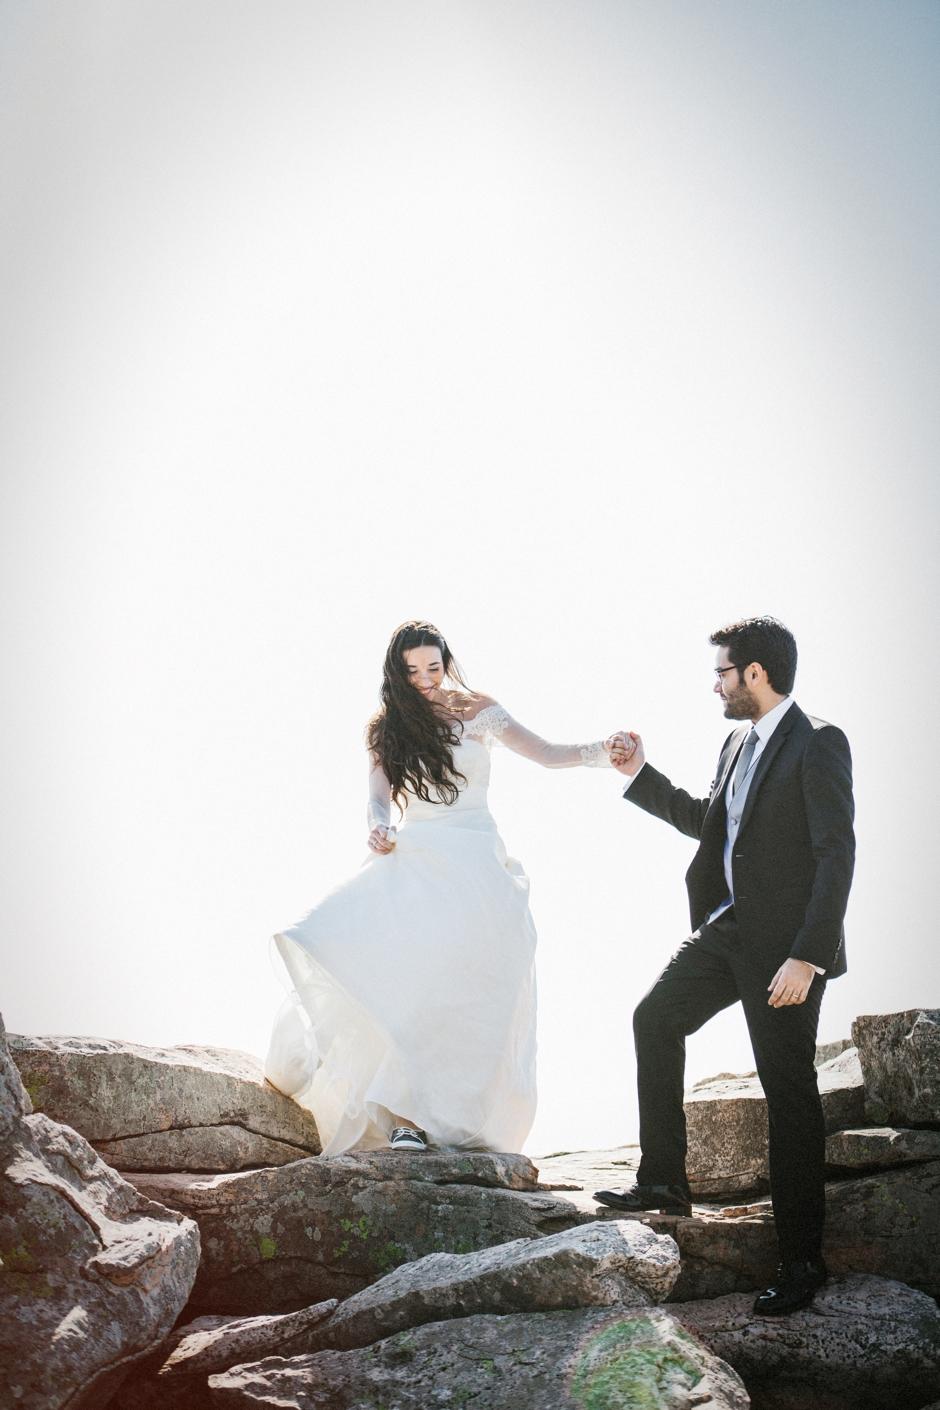 bodafilms-fotografo-de-boda-en-valencia-sevilla-mallorca-alicante-jose-caballero-preboda9.jpg